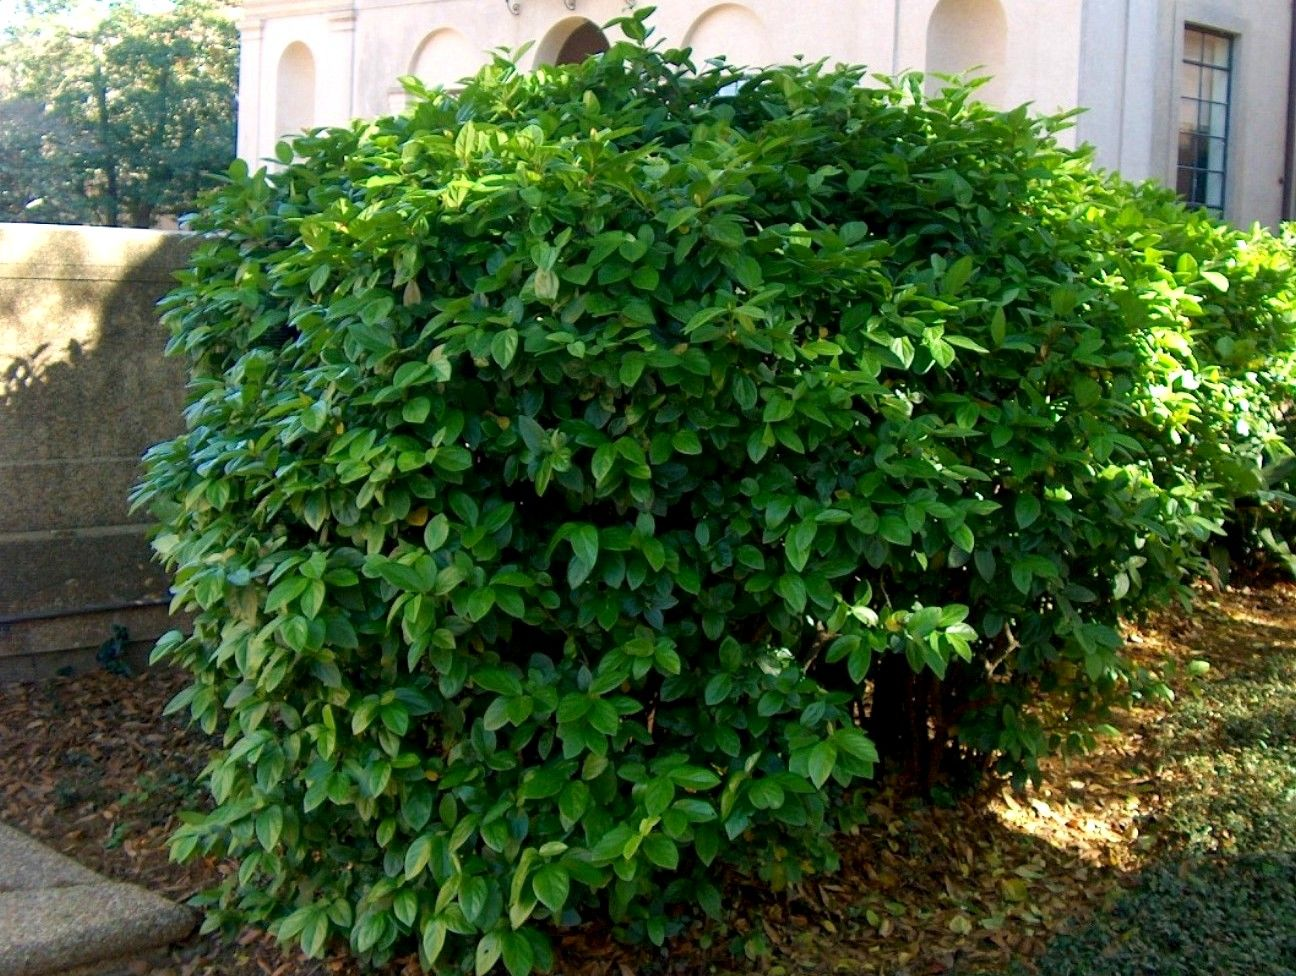 viburnum - 1 front yard under